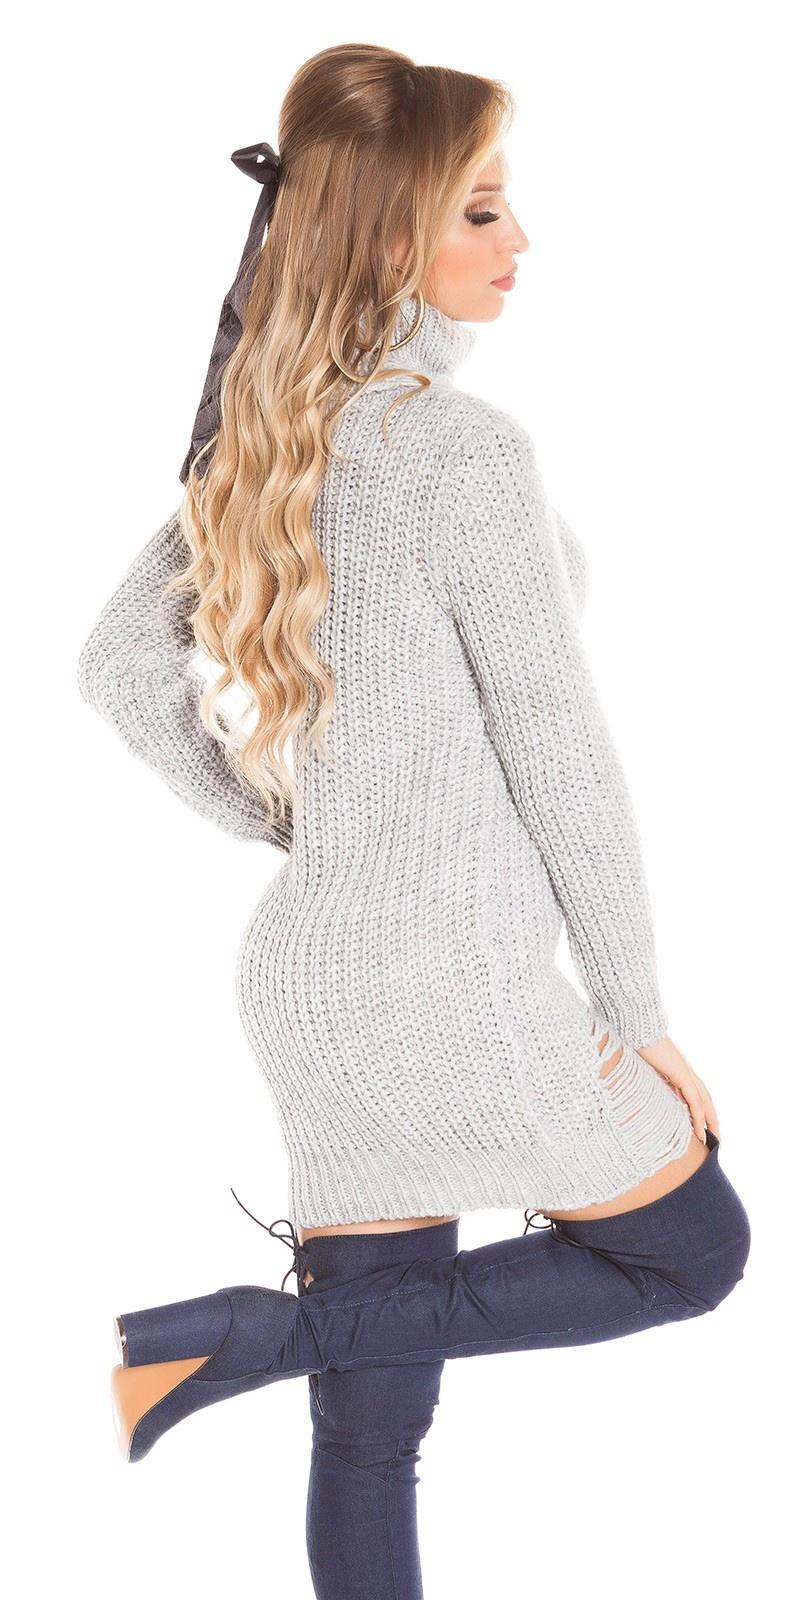 Trendy col gebreide jurk gebruikte used look grijs